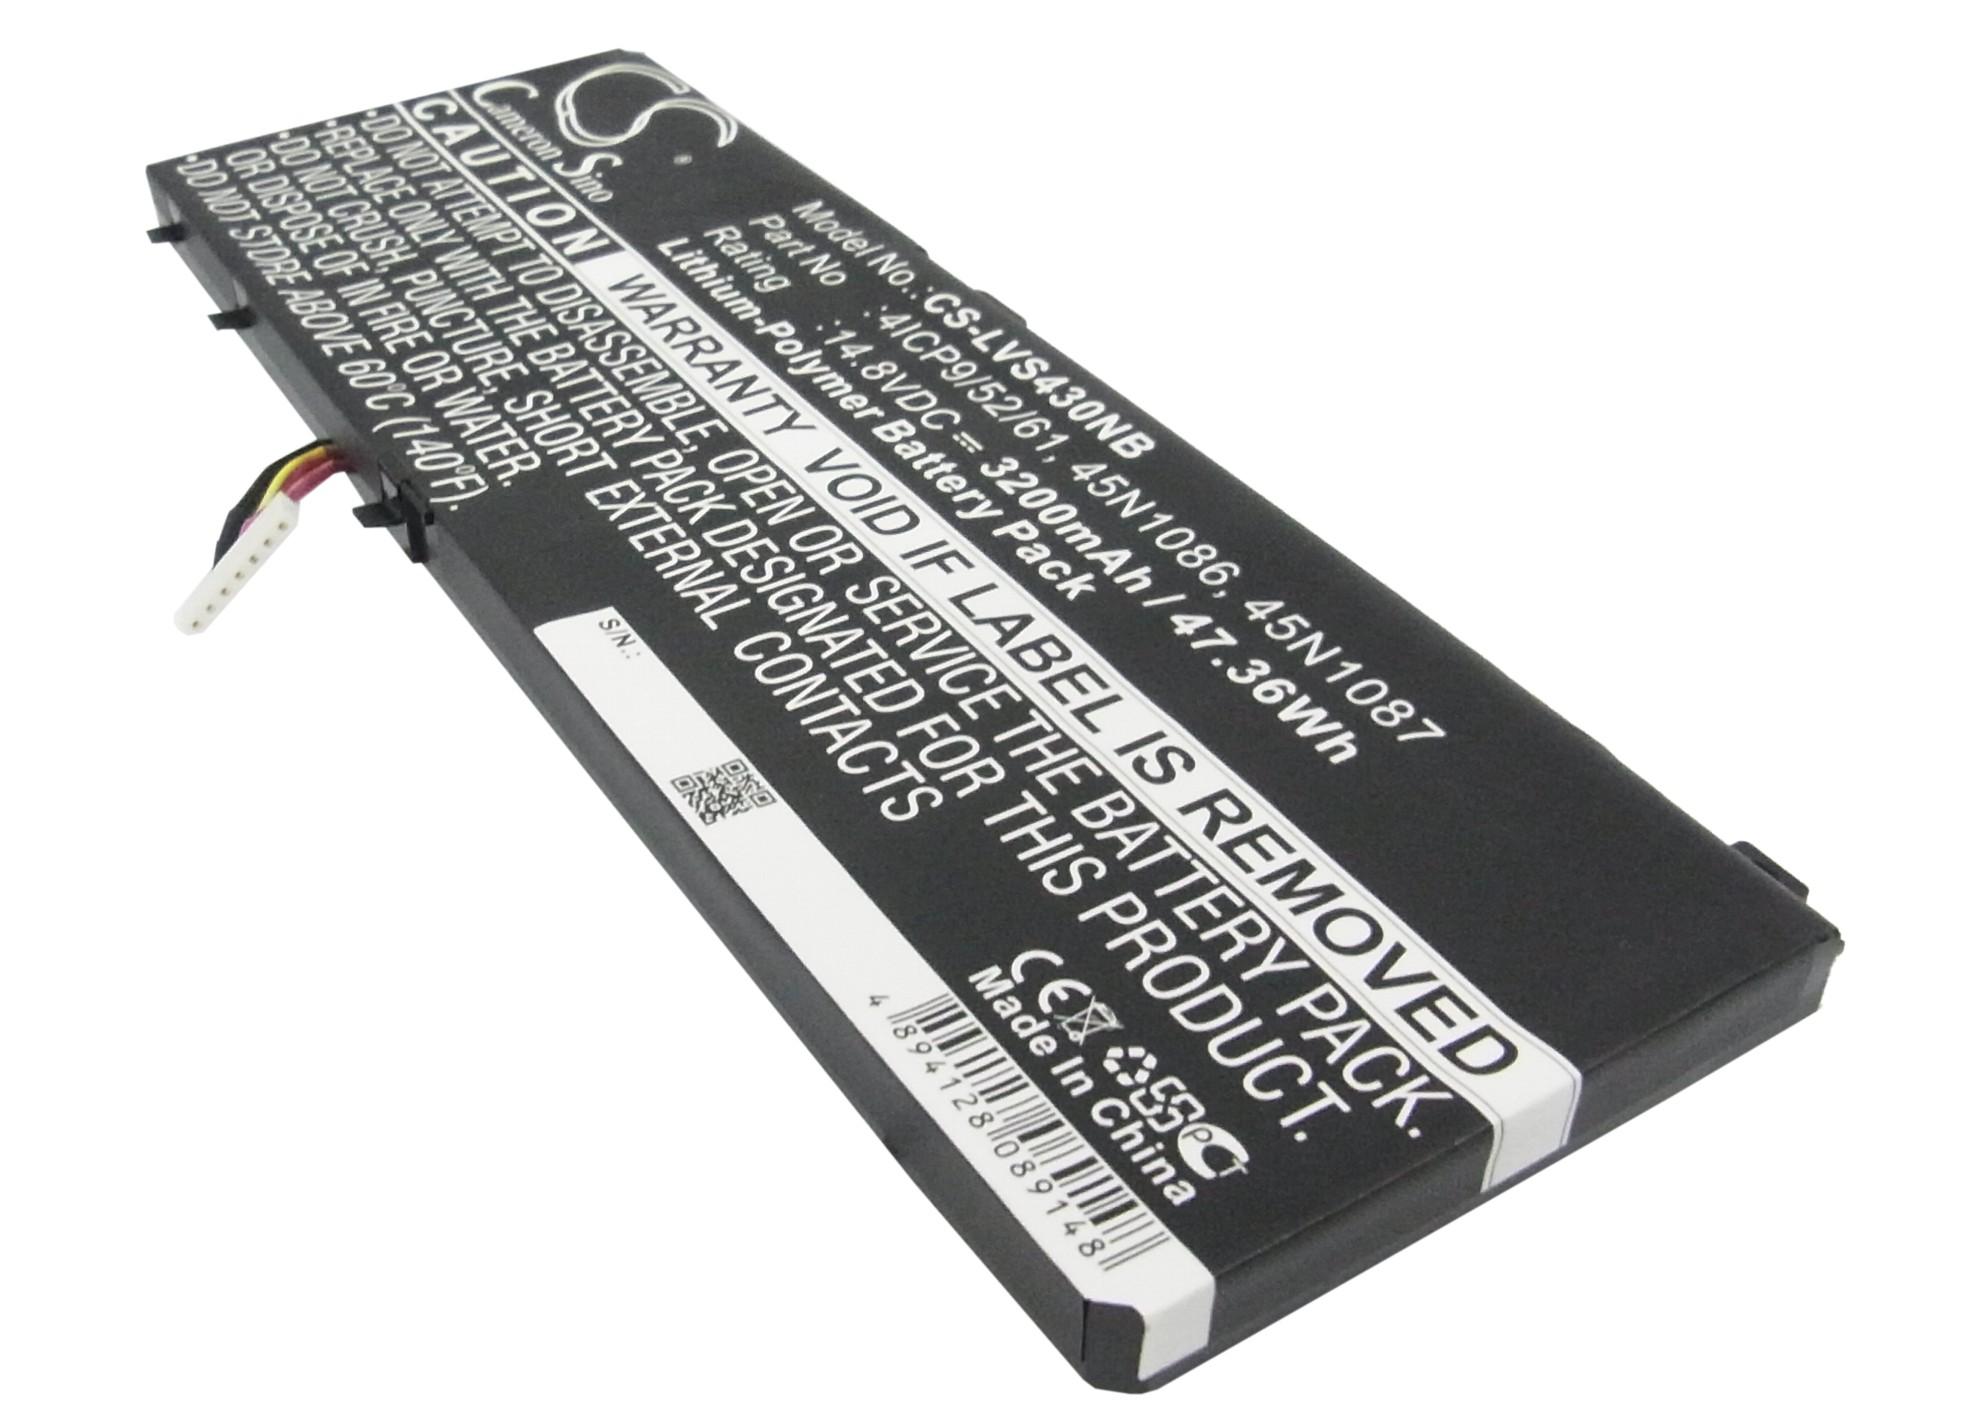 Cameron Sino baterie do notebooků pro LENOVO Edge S430 14.8V Li-Polymer 3200mAh černá - neoriginální